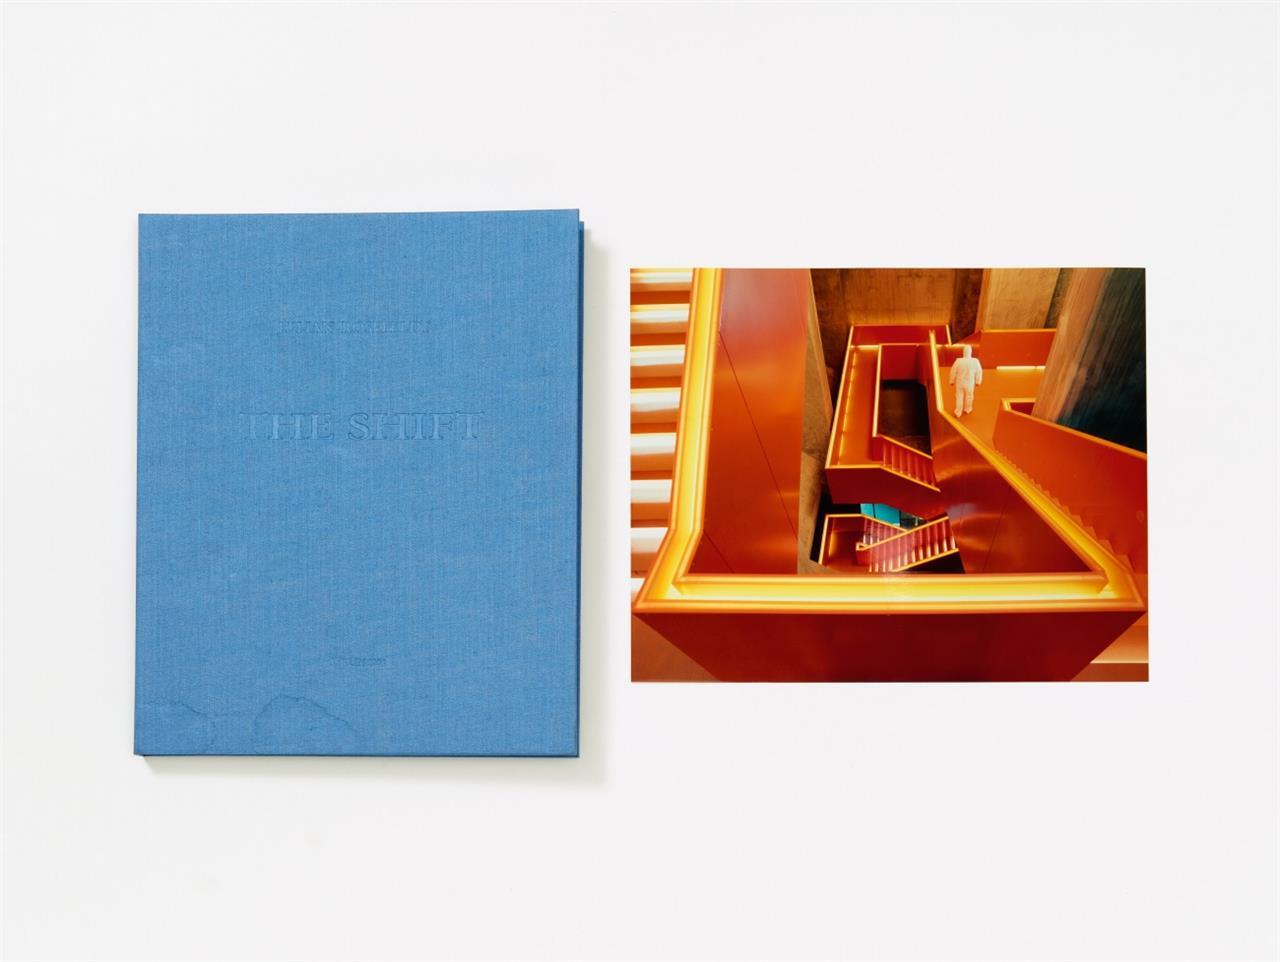 Julian Rosefeldt. The Shift. 2008. Leinenkassette mit 6 C-Prints. Je signiert. Ex. 21/50.